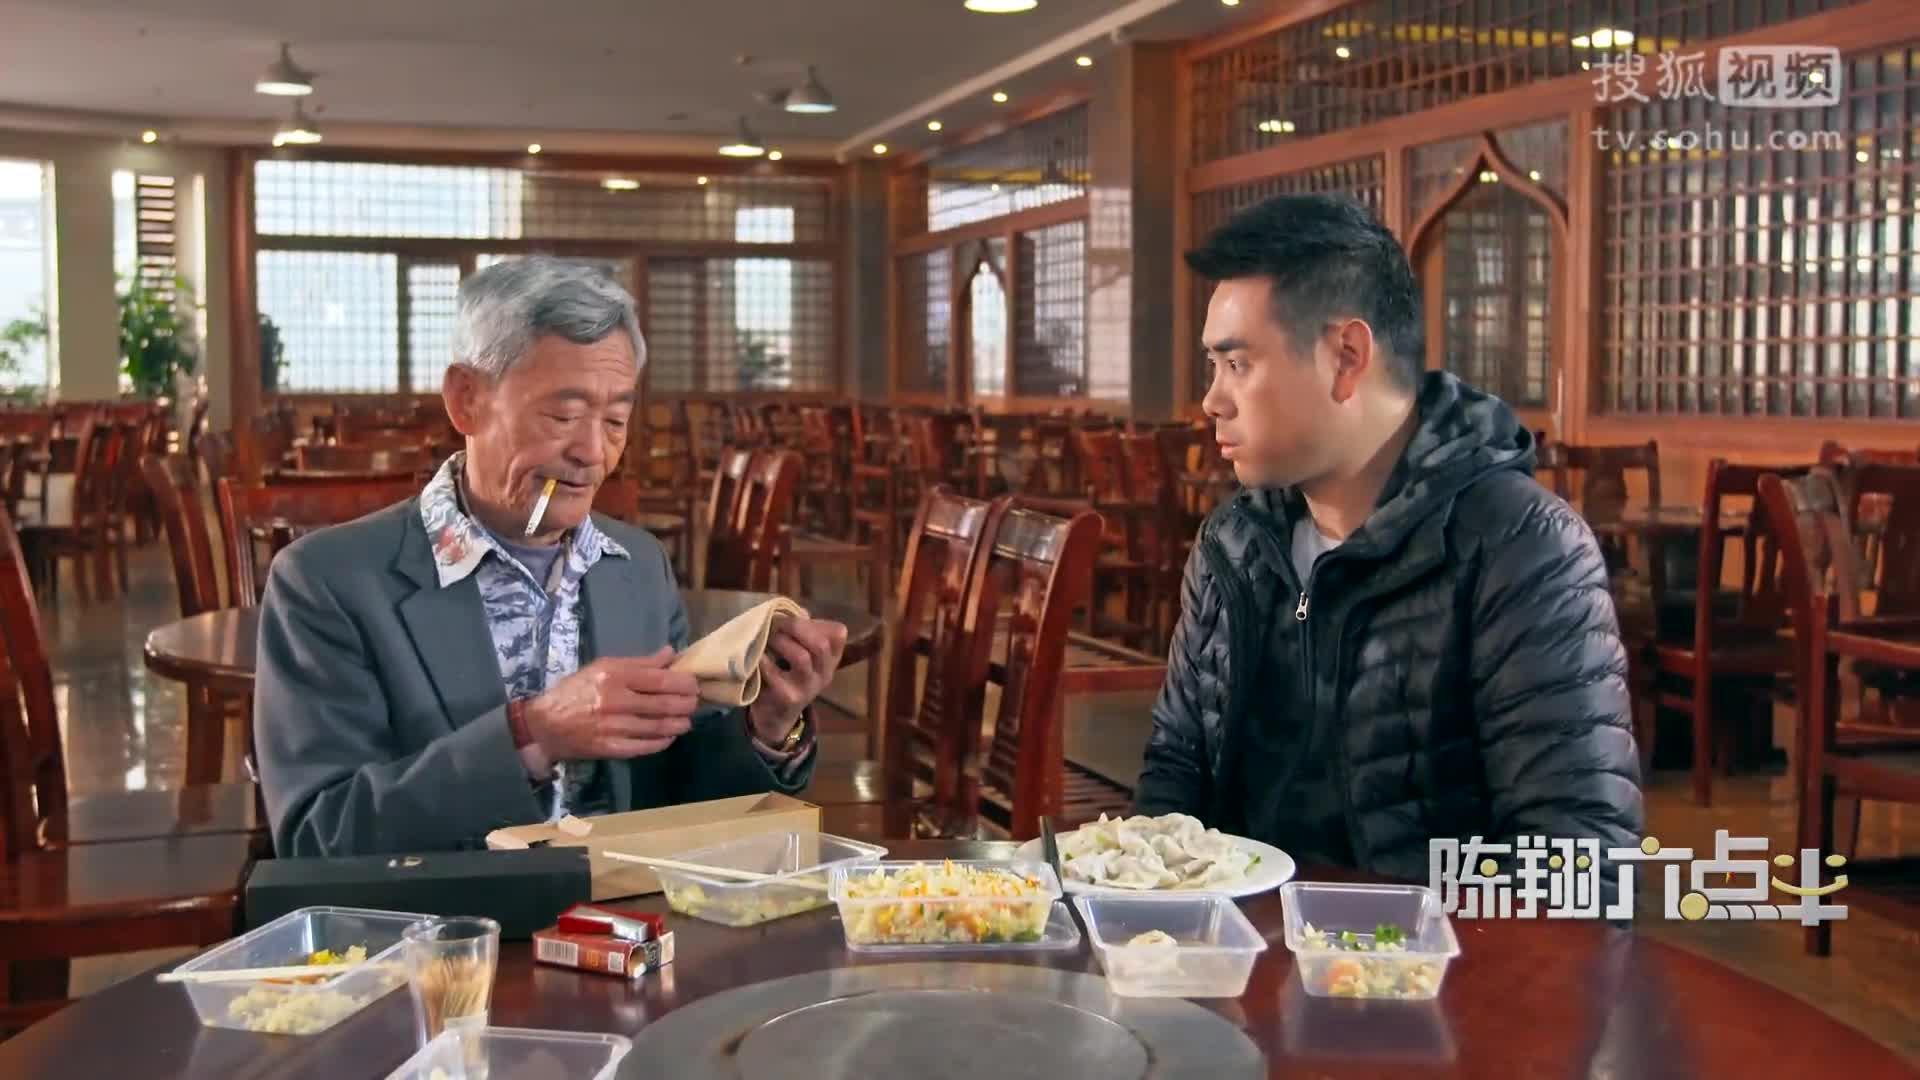 《陈翔六点半》第92集 老汉勾结外甥雇人暴力讨债!